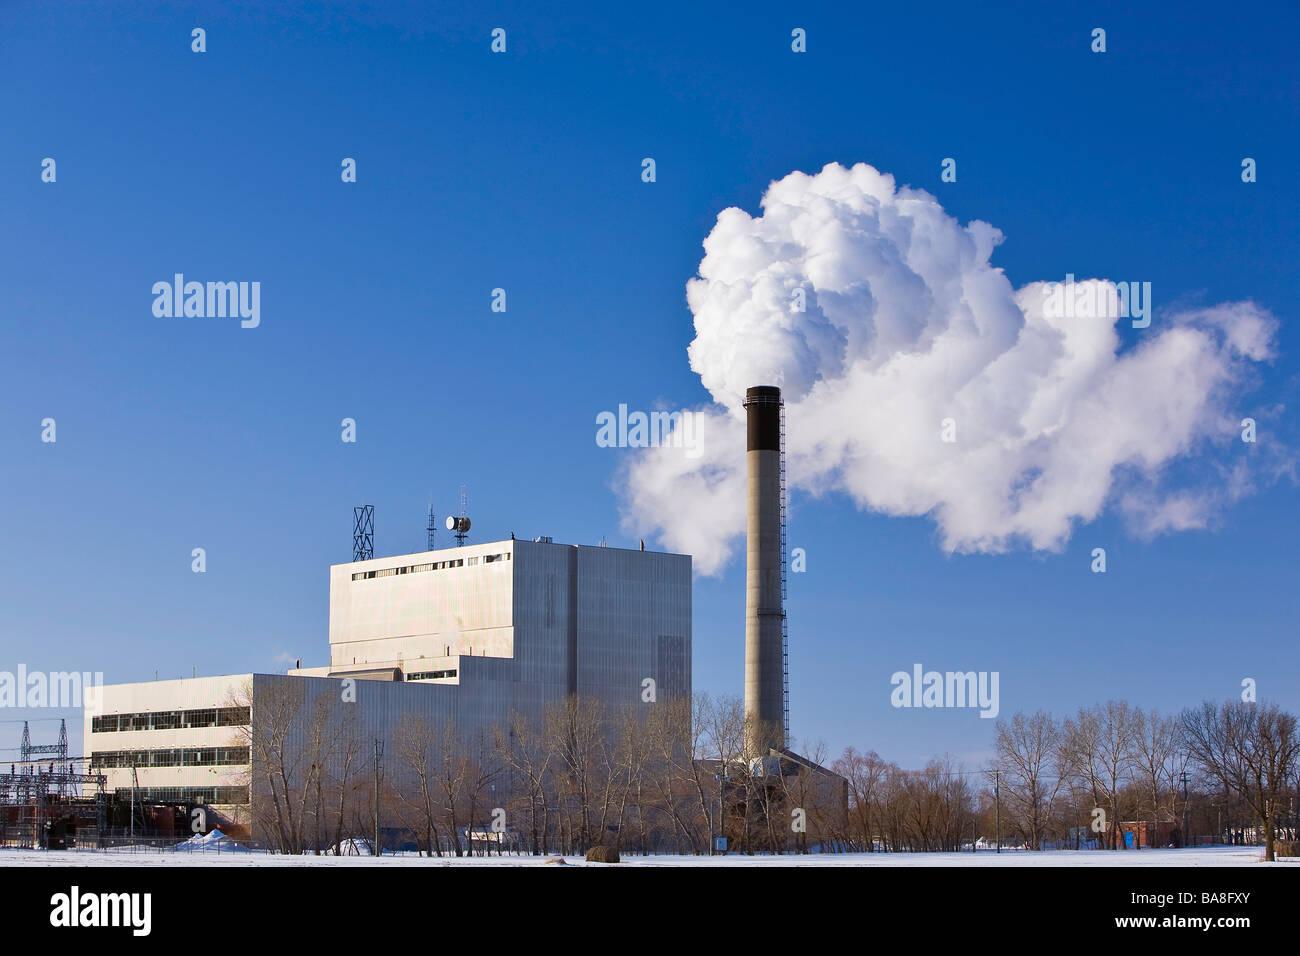 Schornstein Emissionen aus eine Wärmeleistung von Erdgas Kraftwerk, Selkirk, Manitoba, Kanada. Stockbild